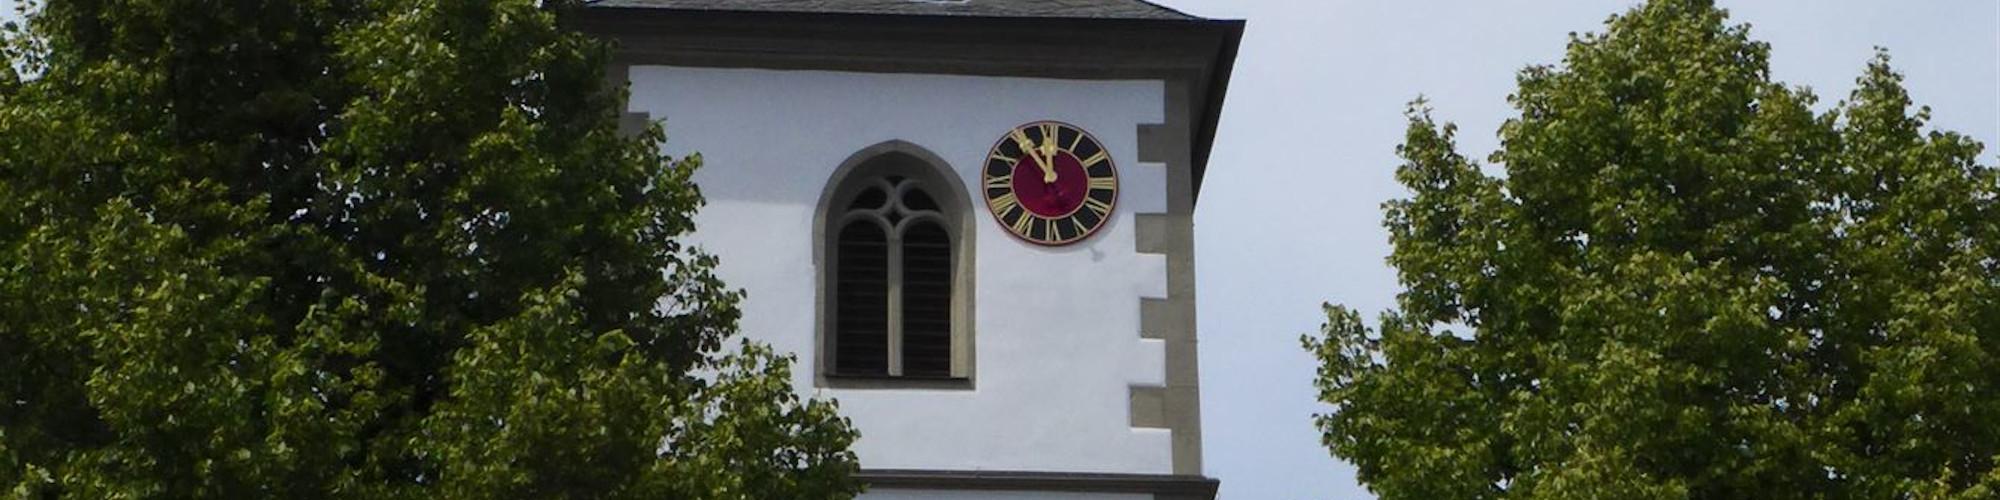 Kirche Oberwerrn - Haltestelle-sld